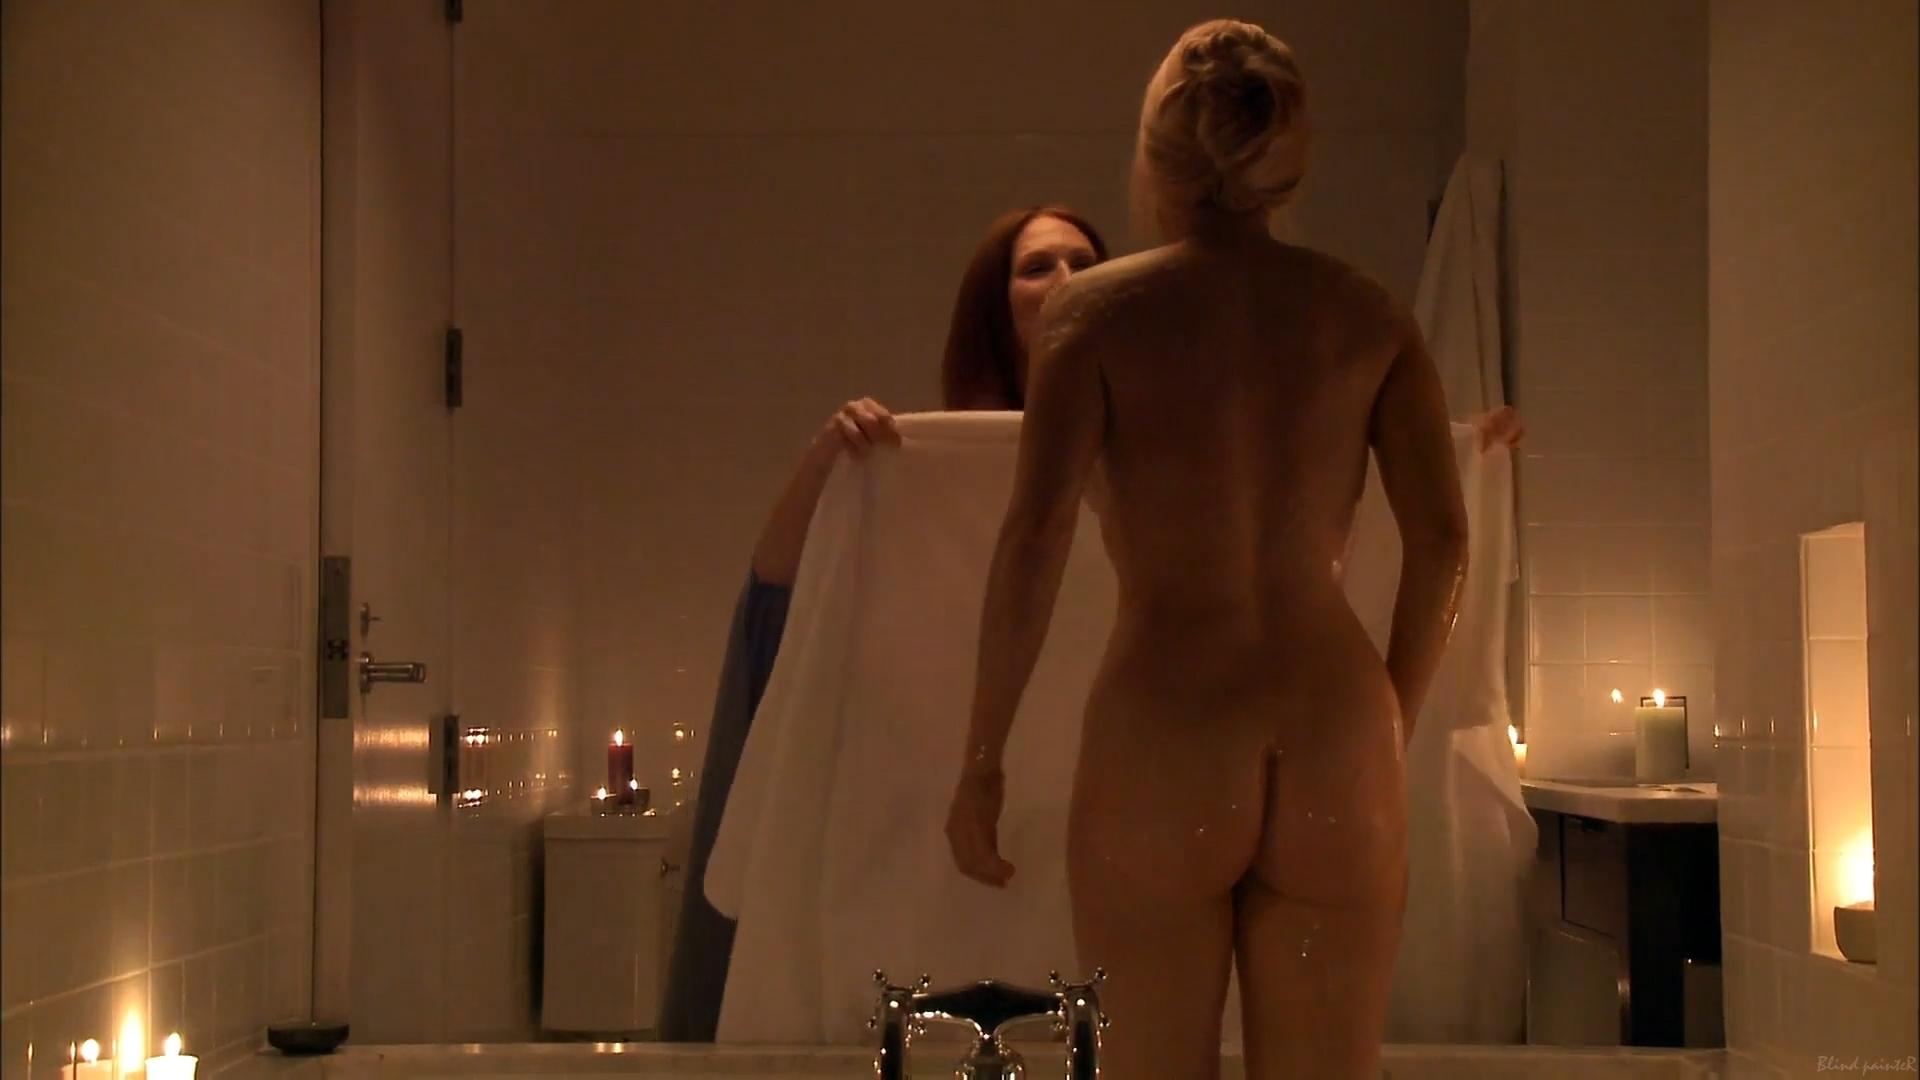 luxx Carla gugino nude elektra